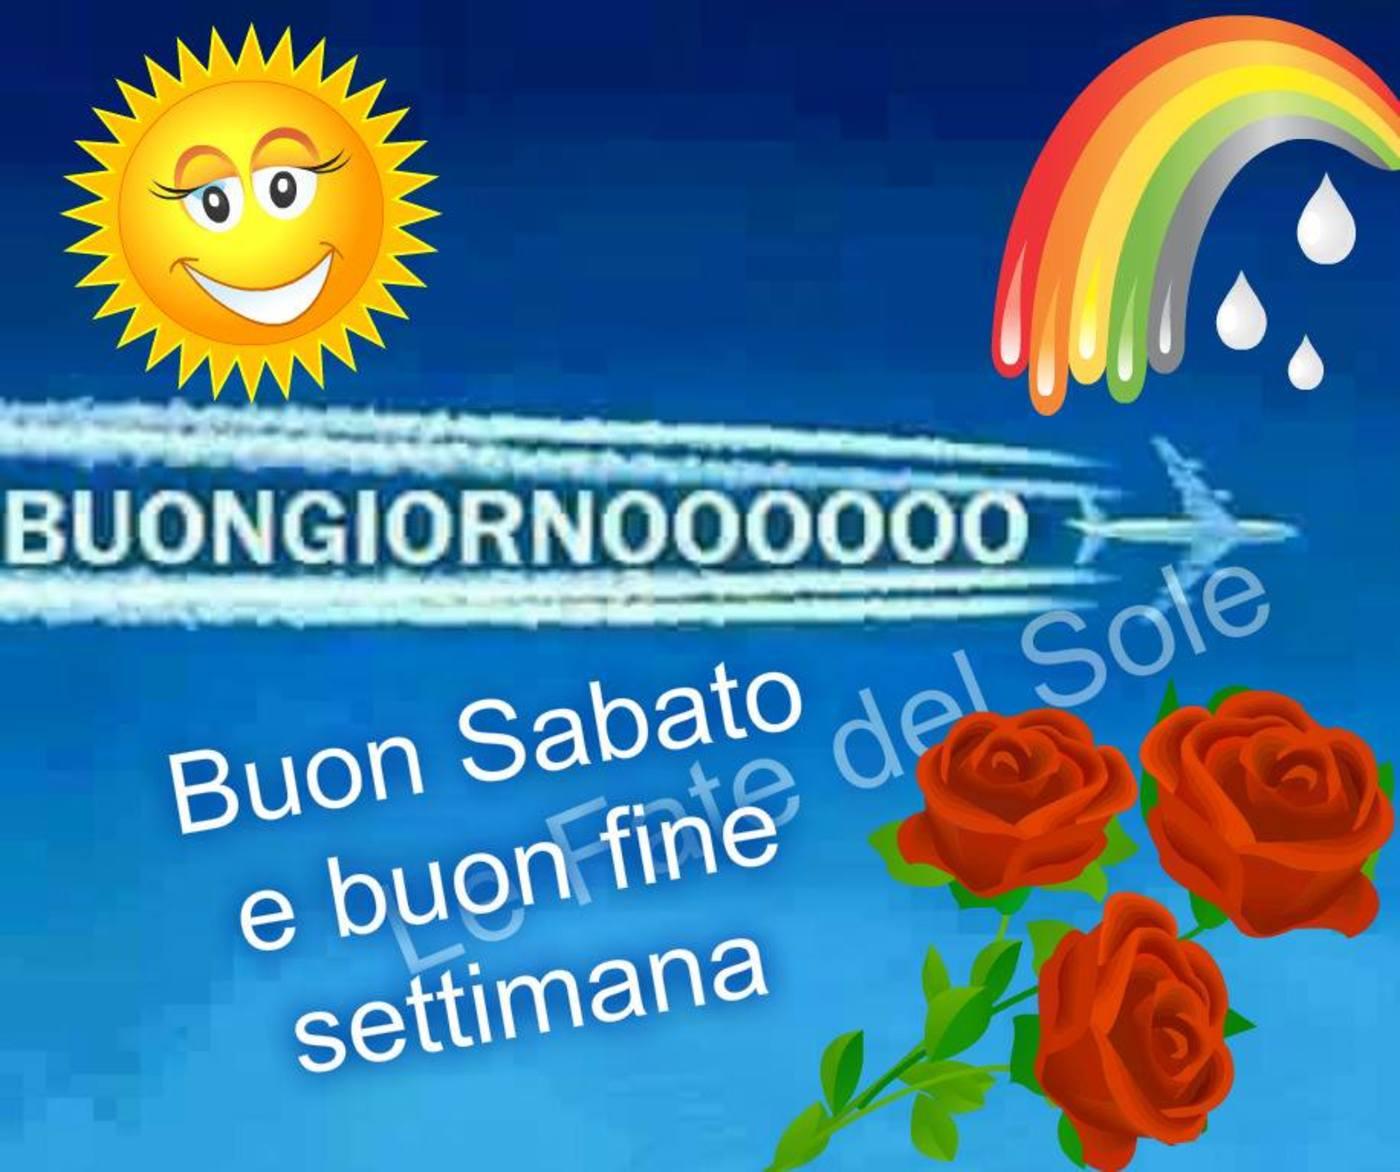 Buon Sabato A Tutti Immagini 57 Buongiorno Immagini It